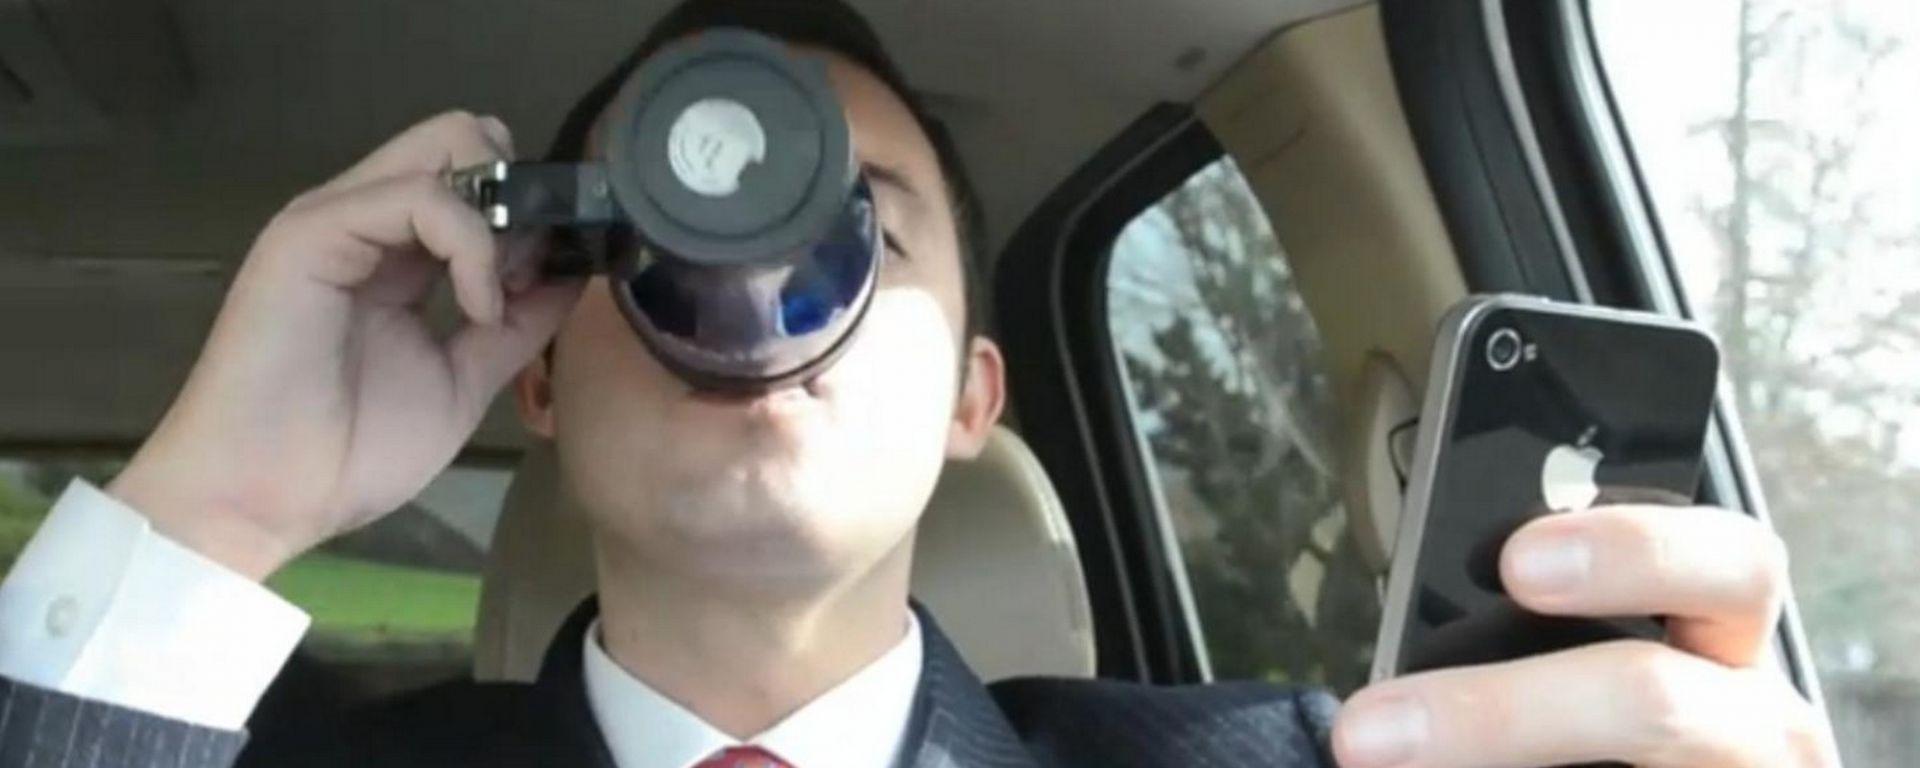 Cellulare alla guida, un'app vi smaschererà